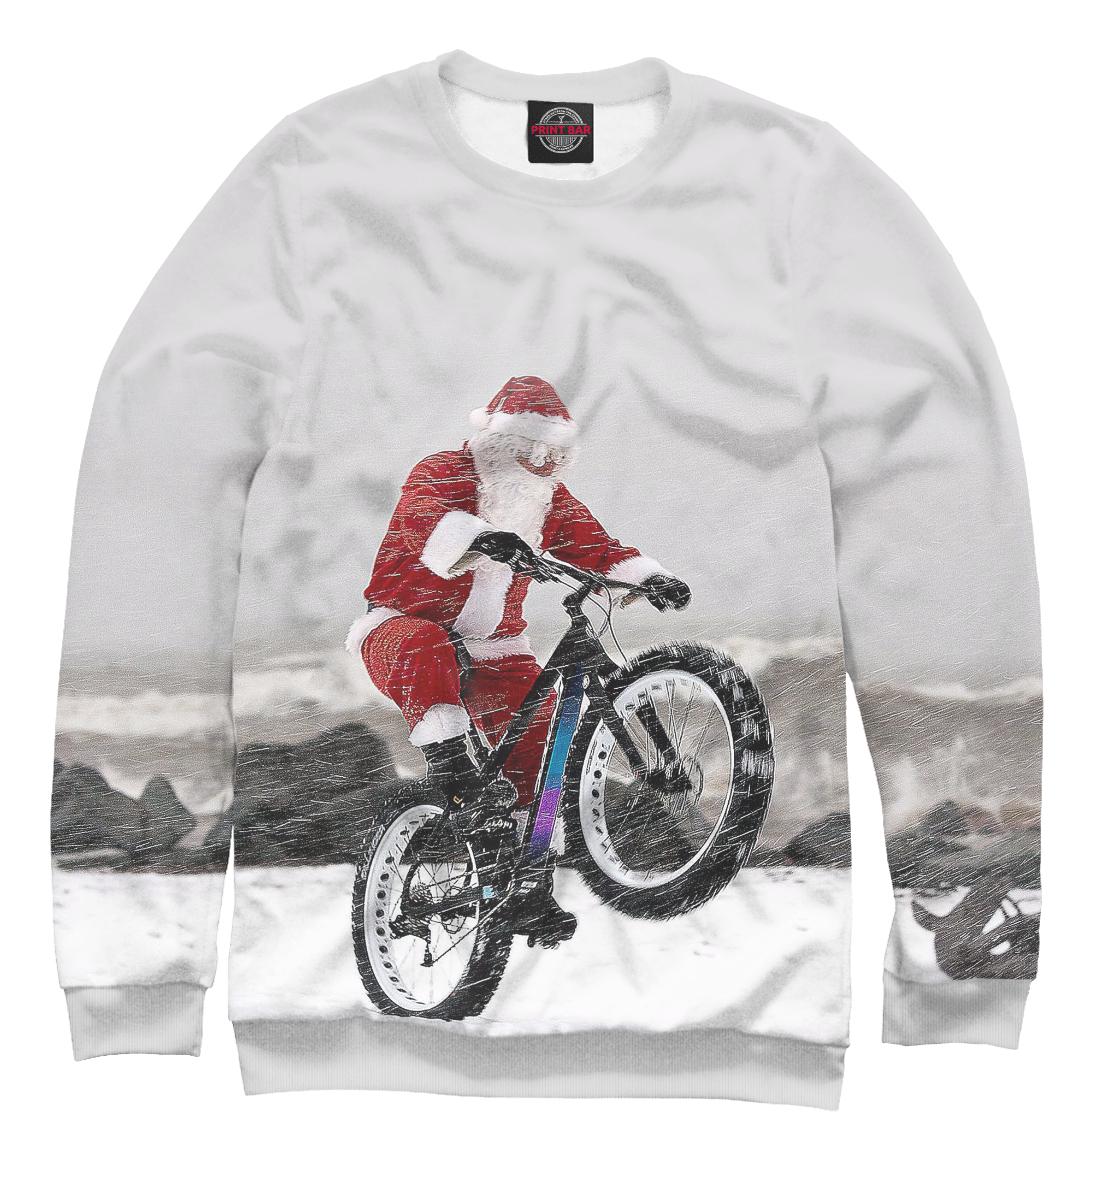 Купить Дед Мороз и его БАЙК, Printbar, Свитшоты, NOV-931405-swi-2